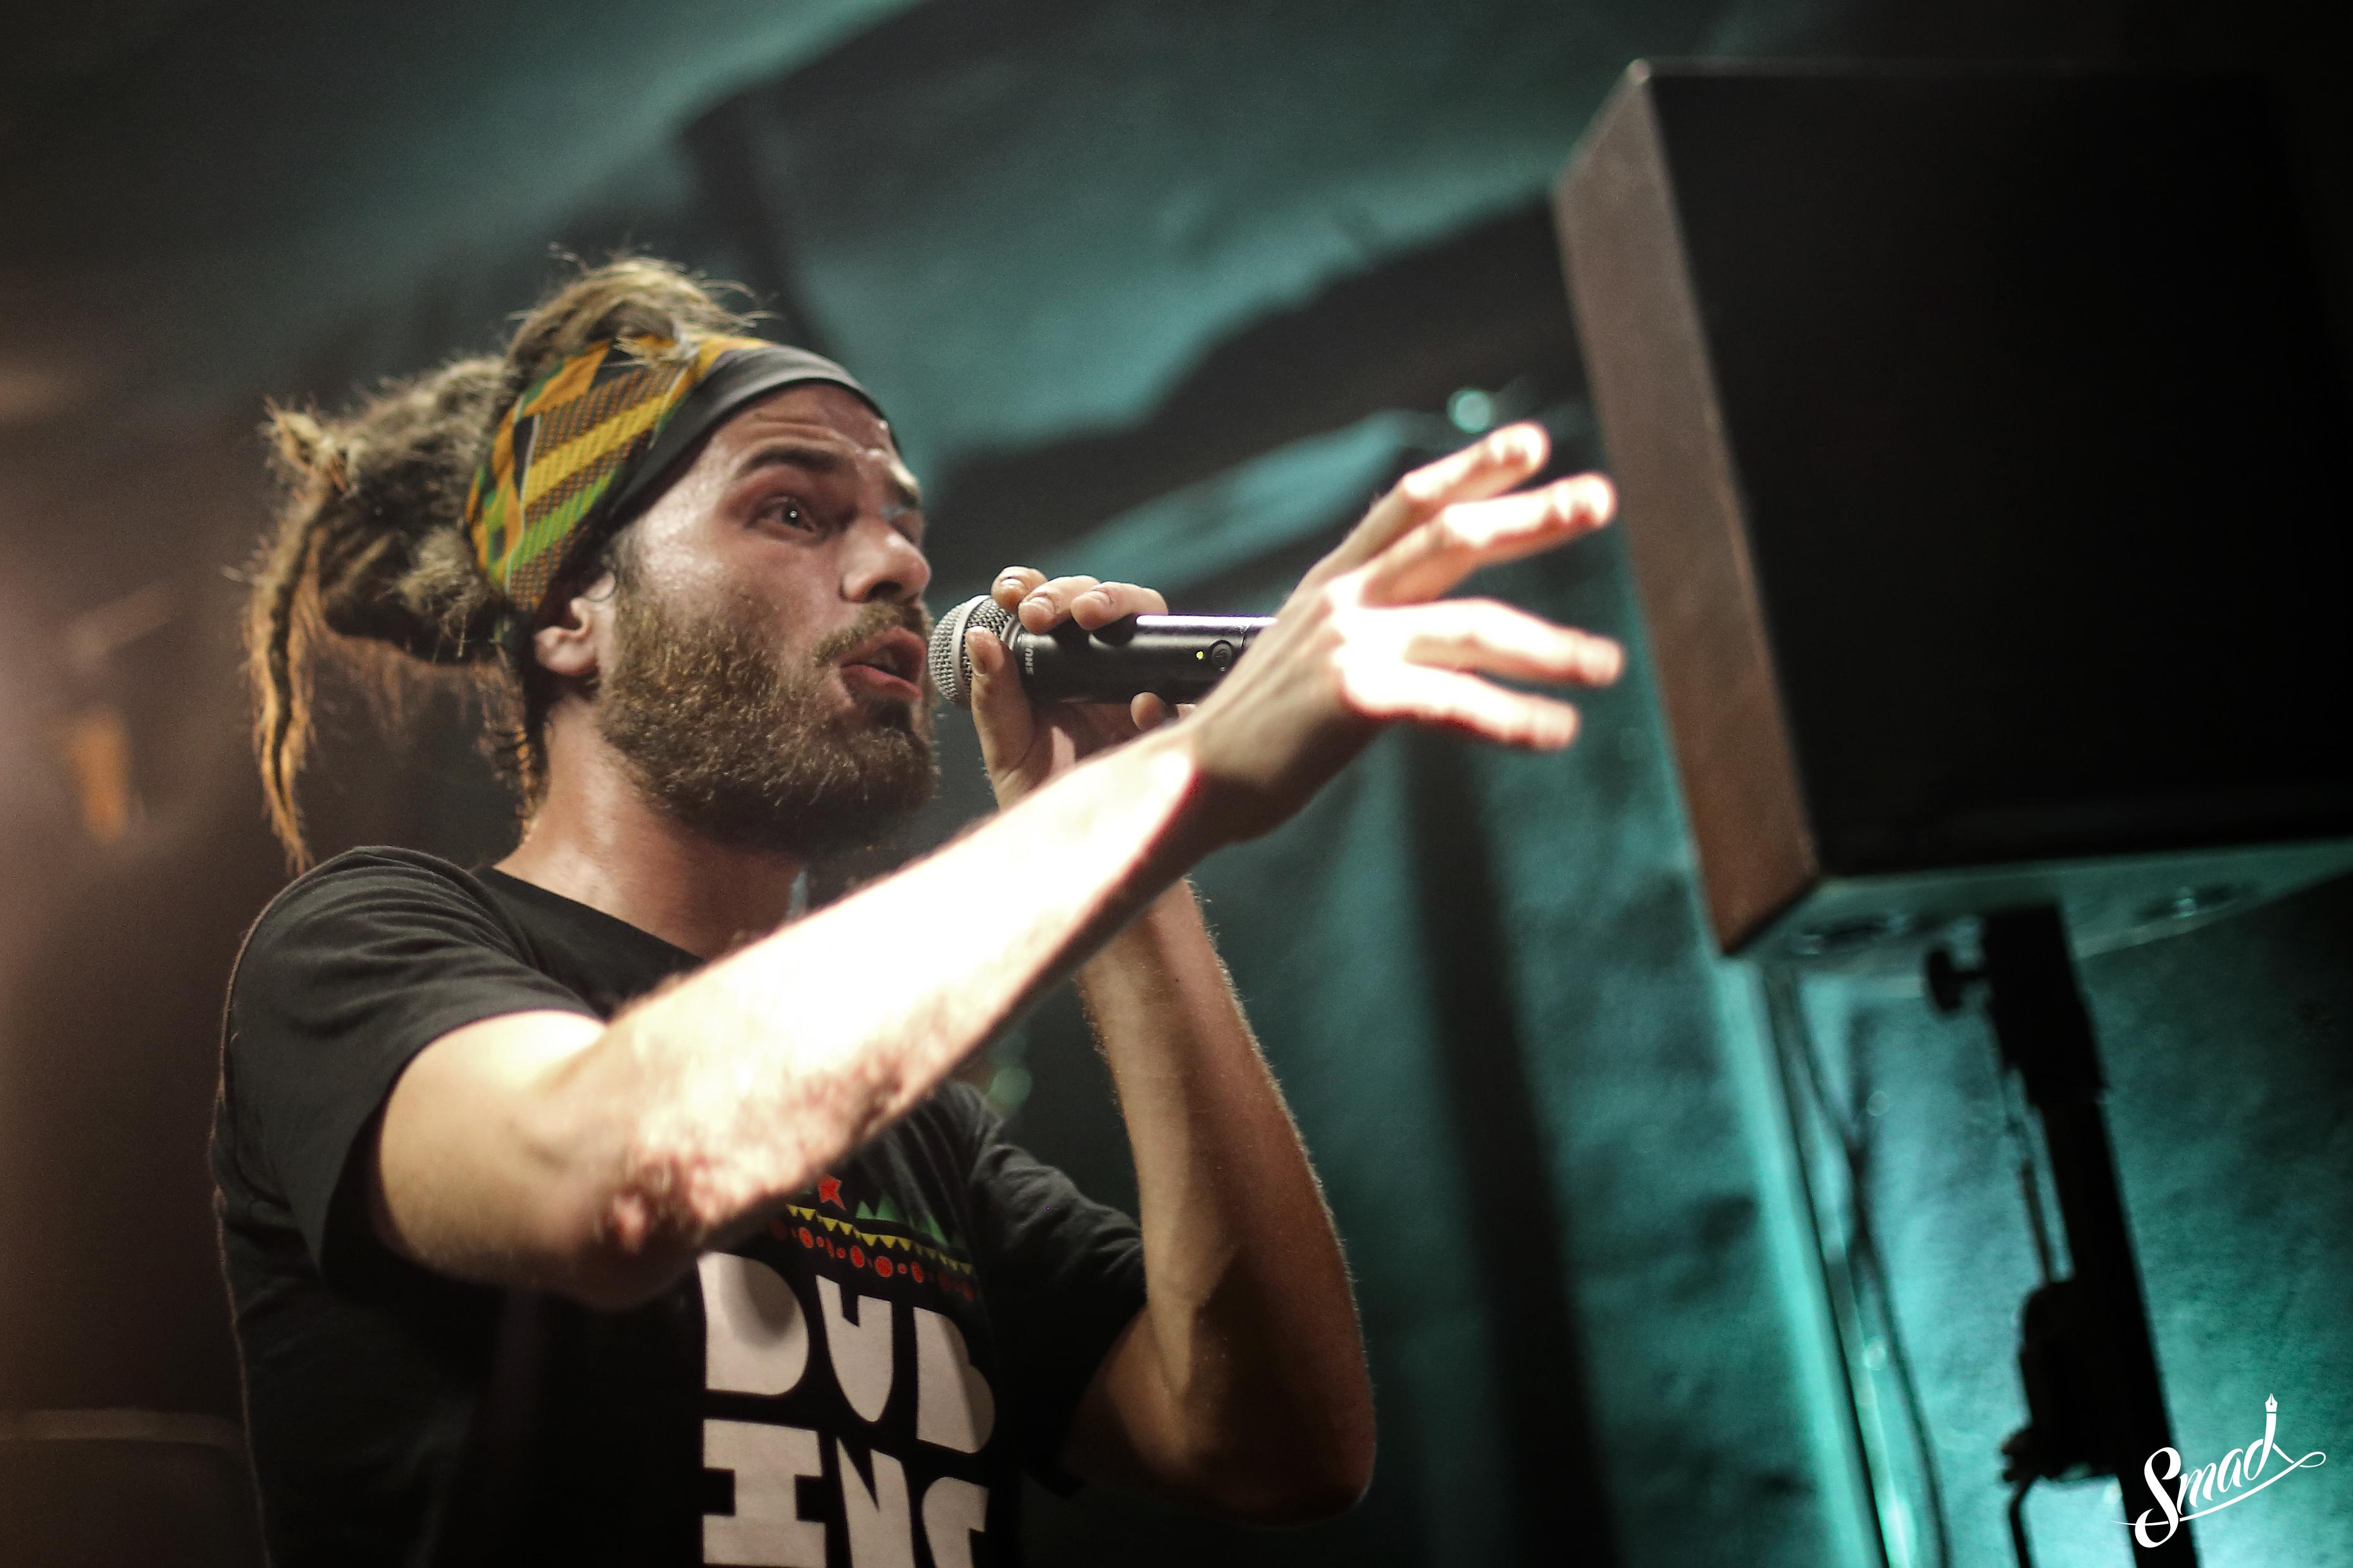 Smad concert reggae musique français